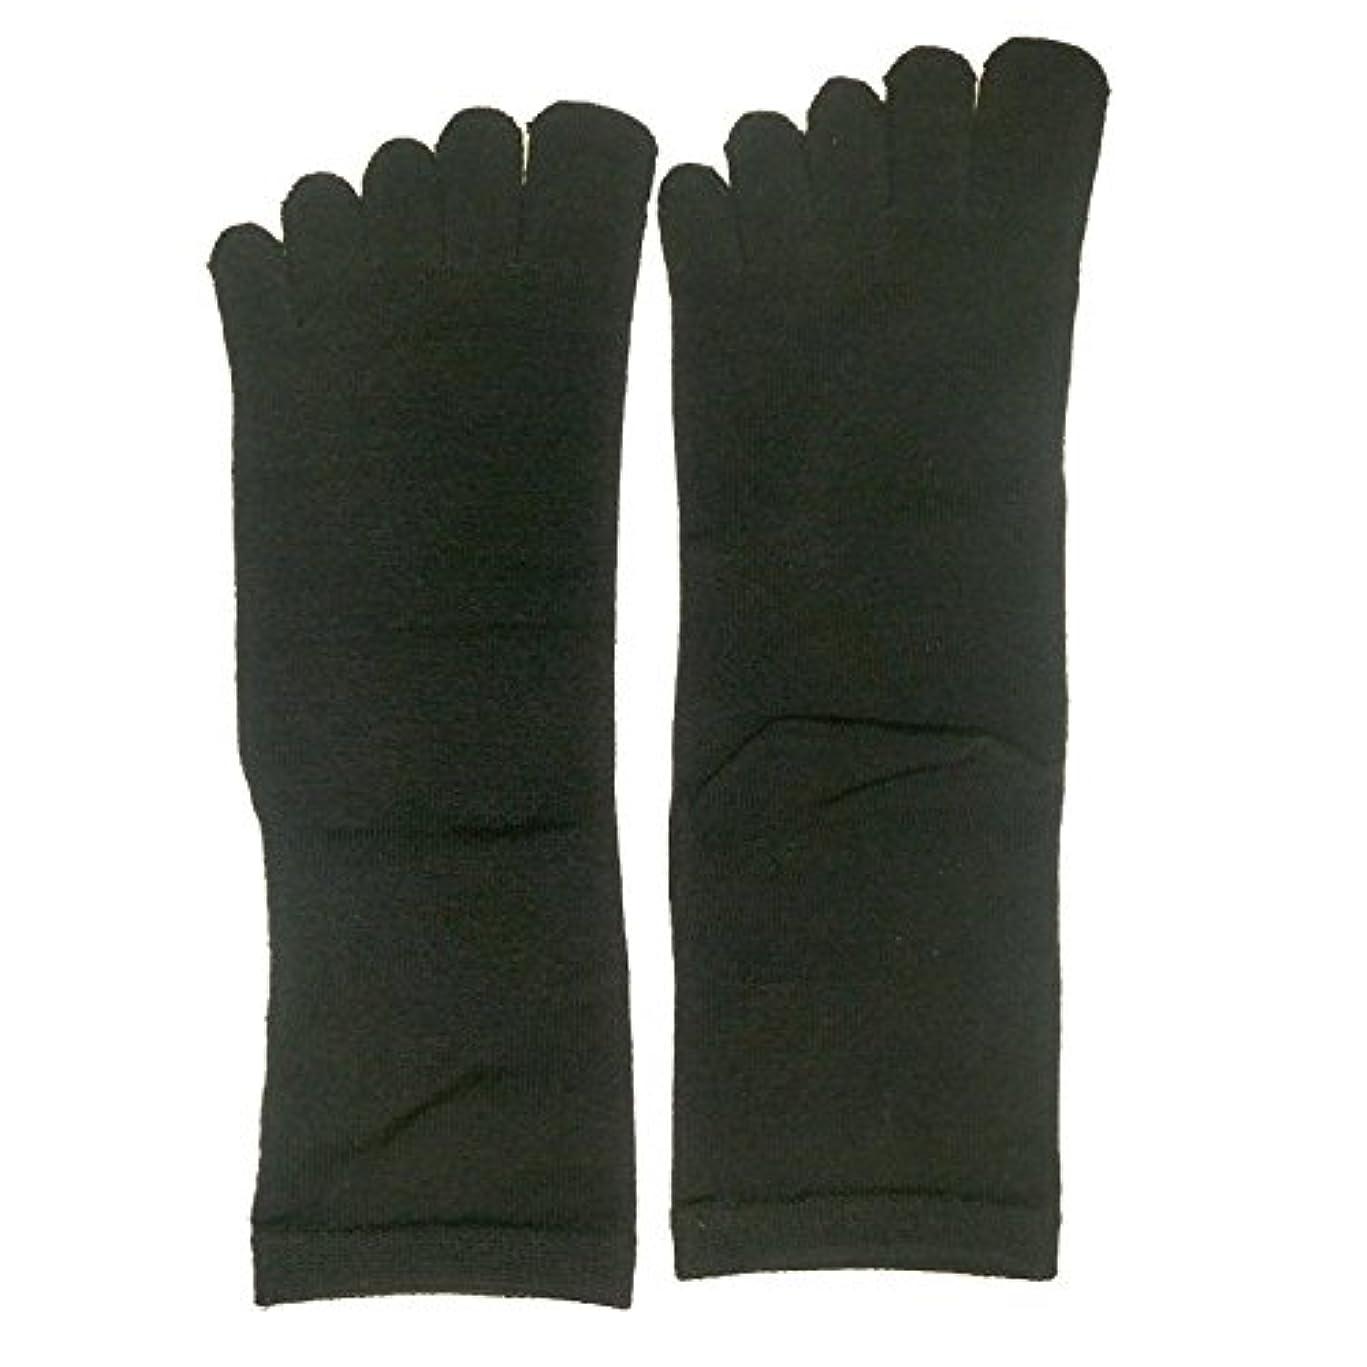 シリンダー辛いここに【3足セット】シルク 五本指 ソックス レギュラー丈 25-27cm 日本製 (ブラック)絹 靴下